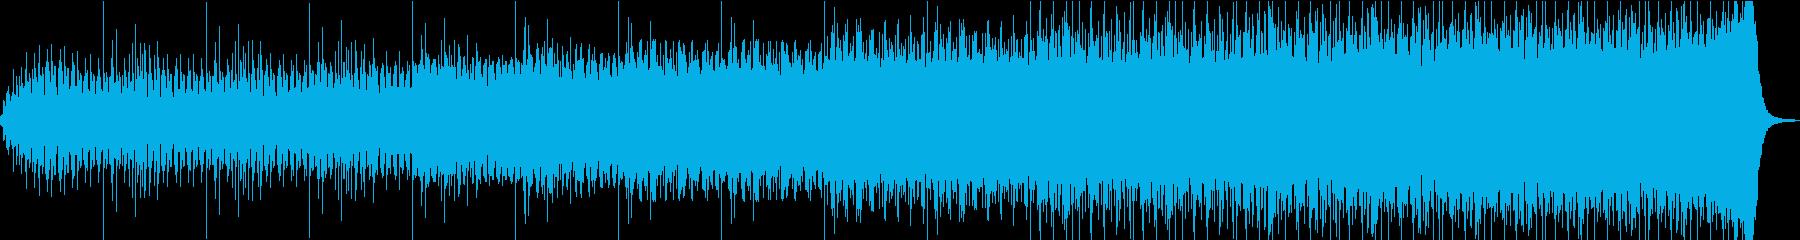 サスペンス映画的な雰囲気の映像にどうぞの再生済みの波形